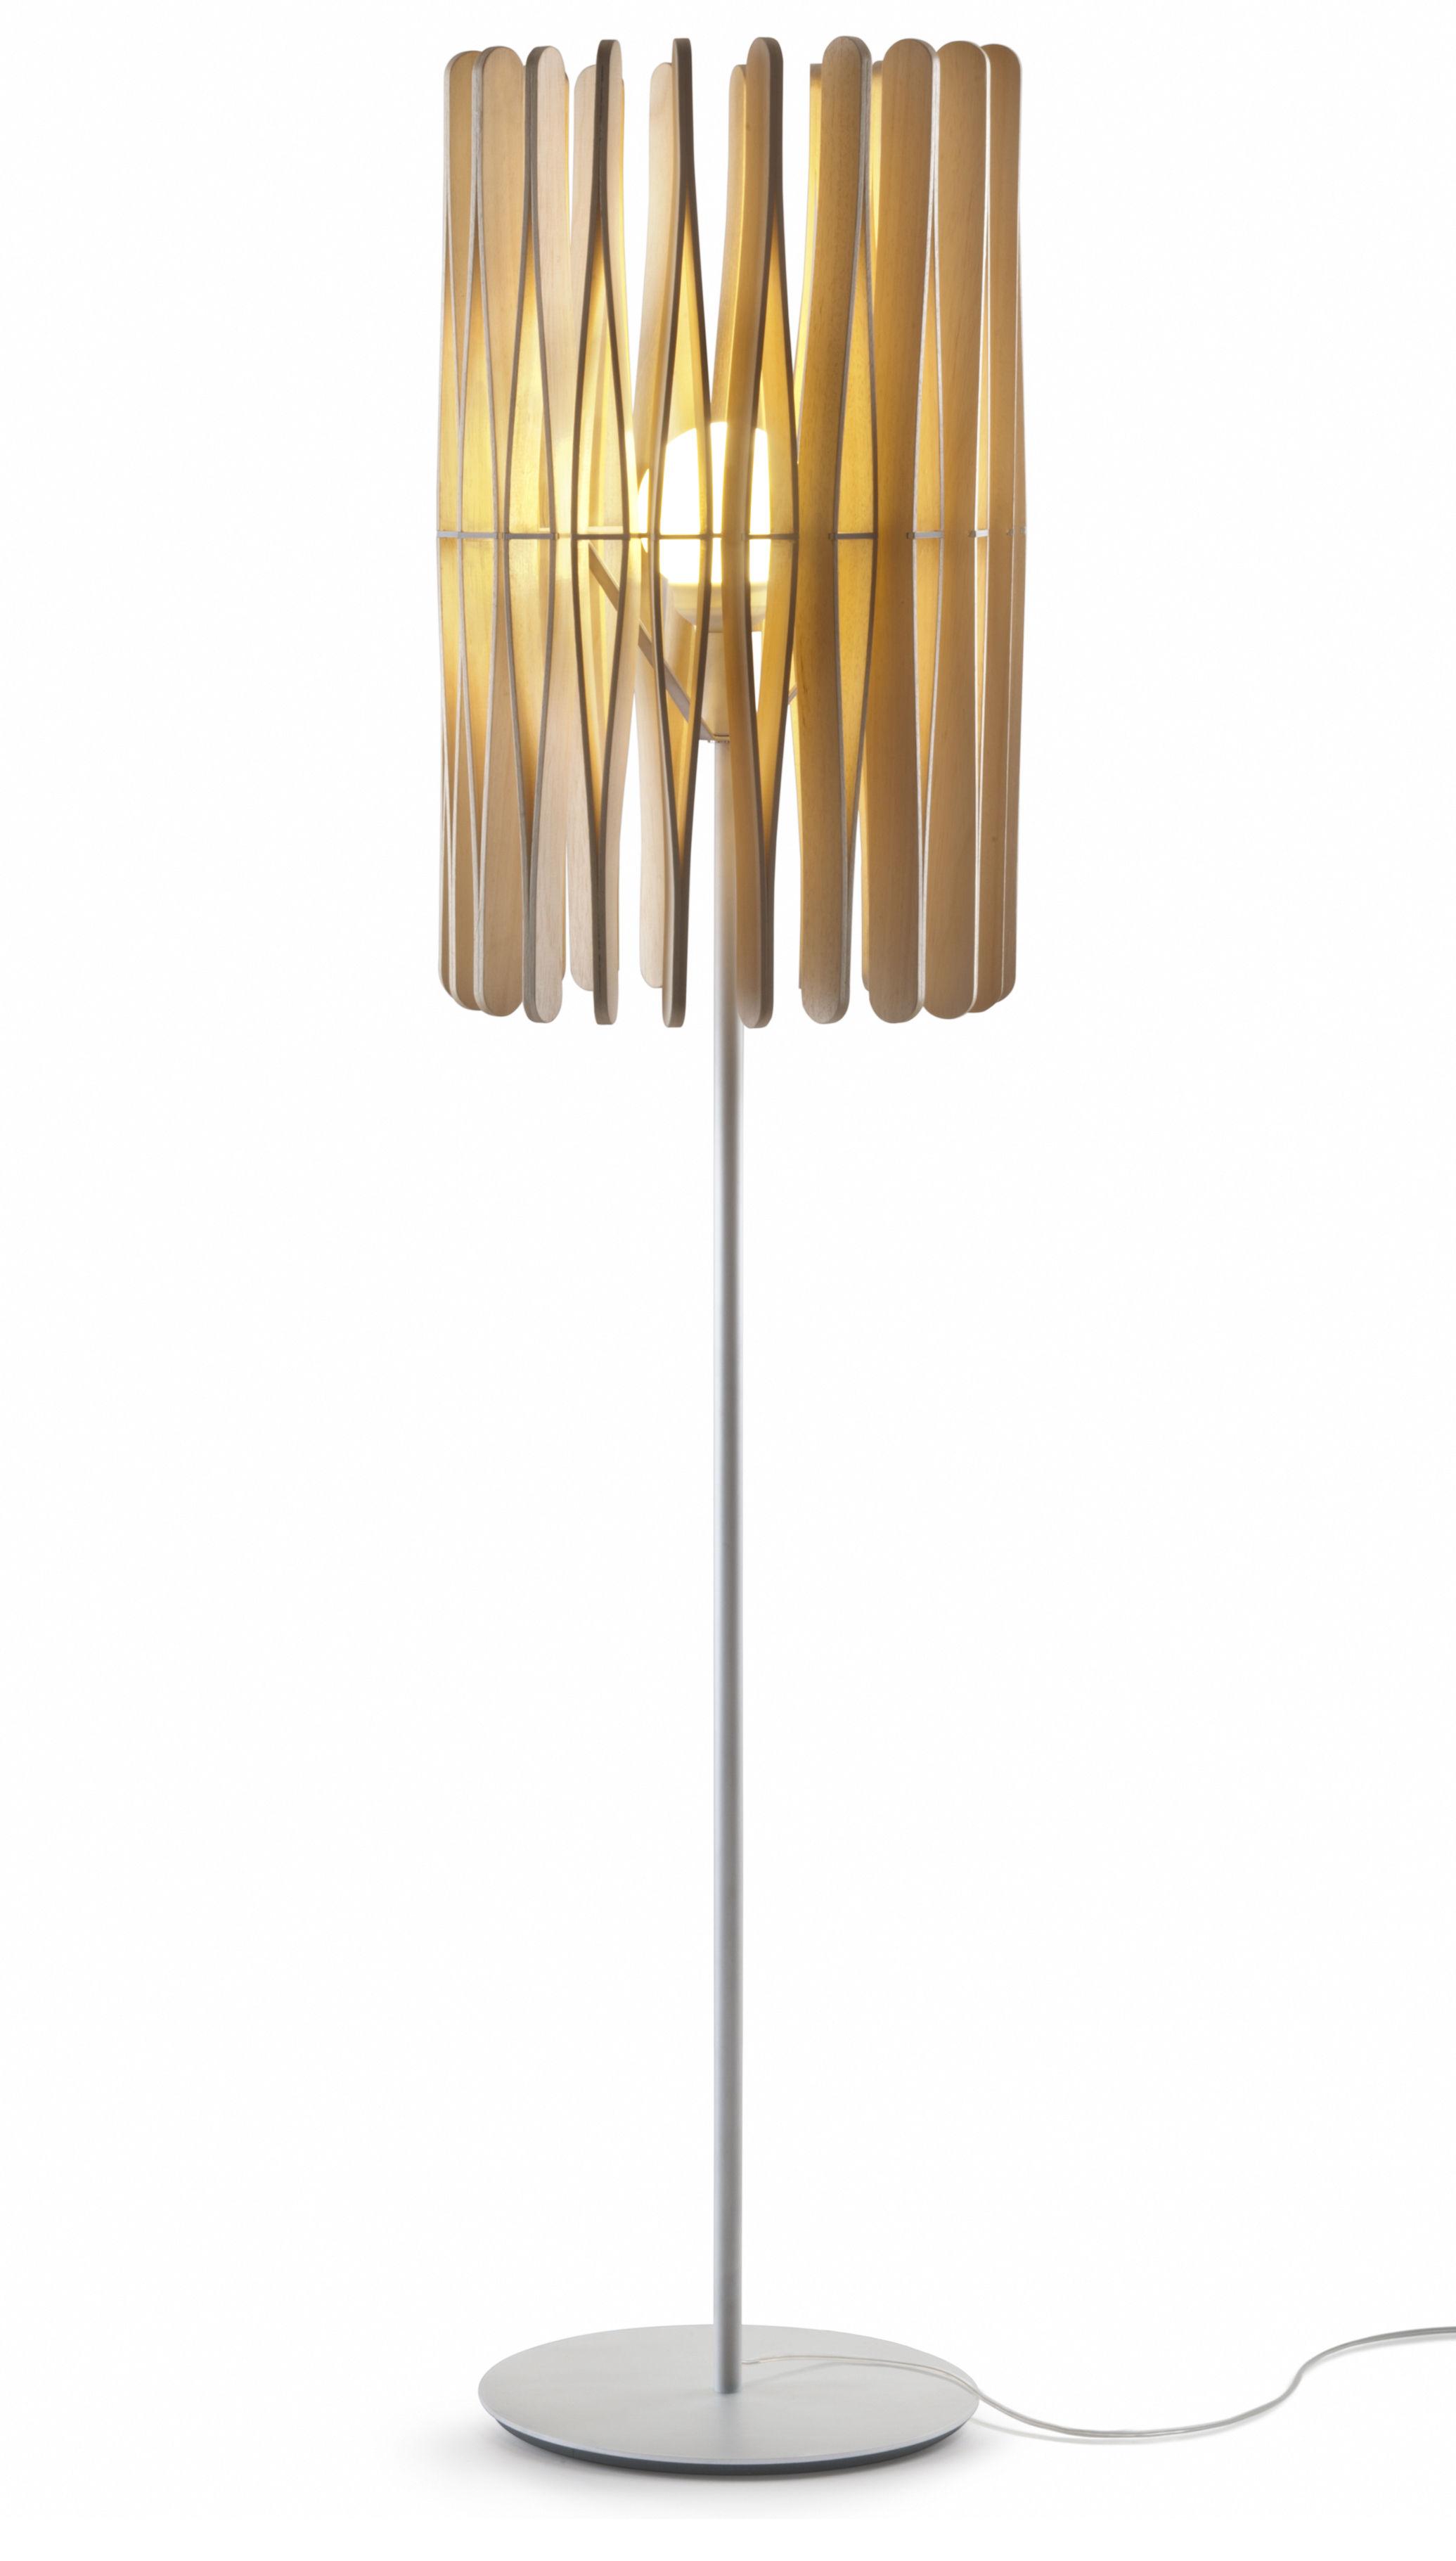 Illuminazione - Lampade da terra - Lampada a stelo Stick 01 - / Paralume Ø 43 x H 65 cm di Fabbian - Legno chiaro / modello 1 - Legno di Ayous, metallo verniciato